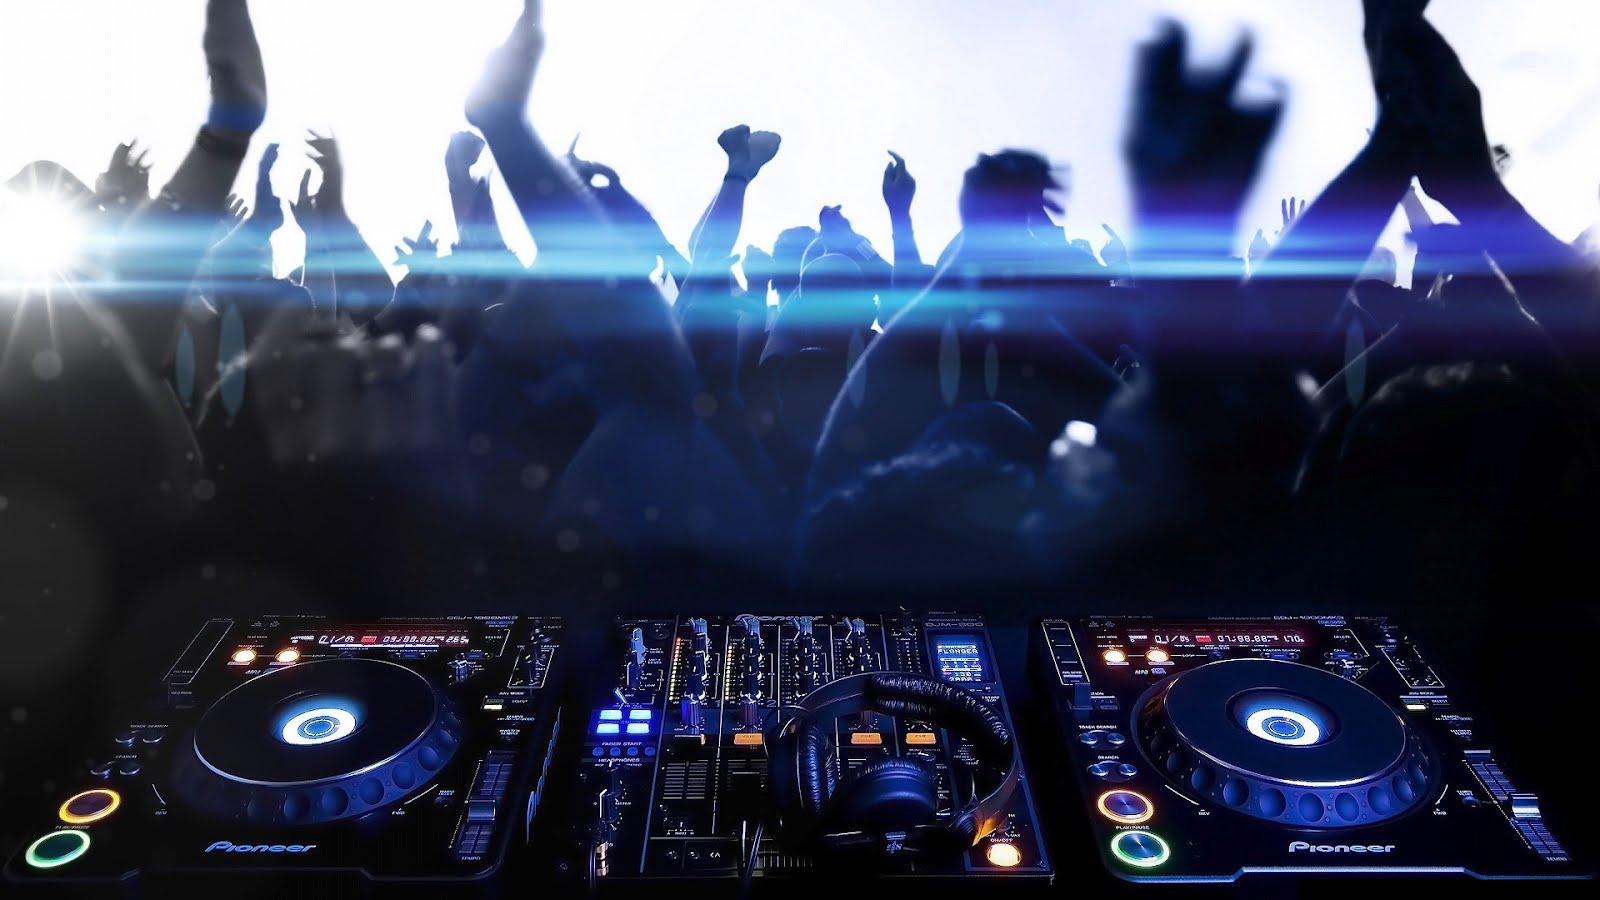 Fondos de pantallas DJS HD Gratis Wallpaper djs Hot New 1600x900